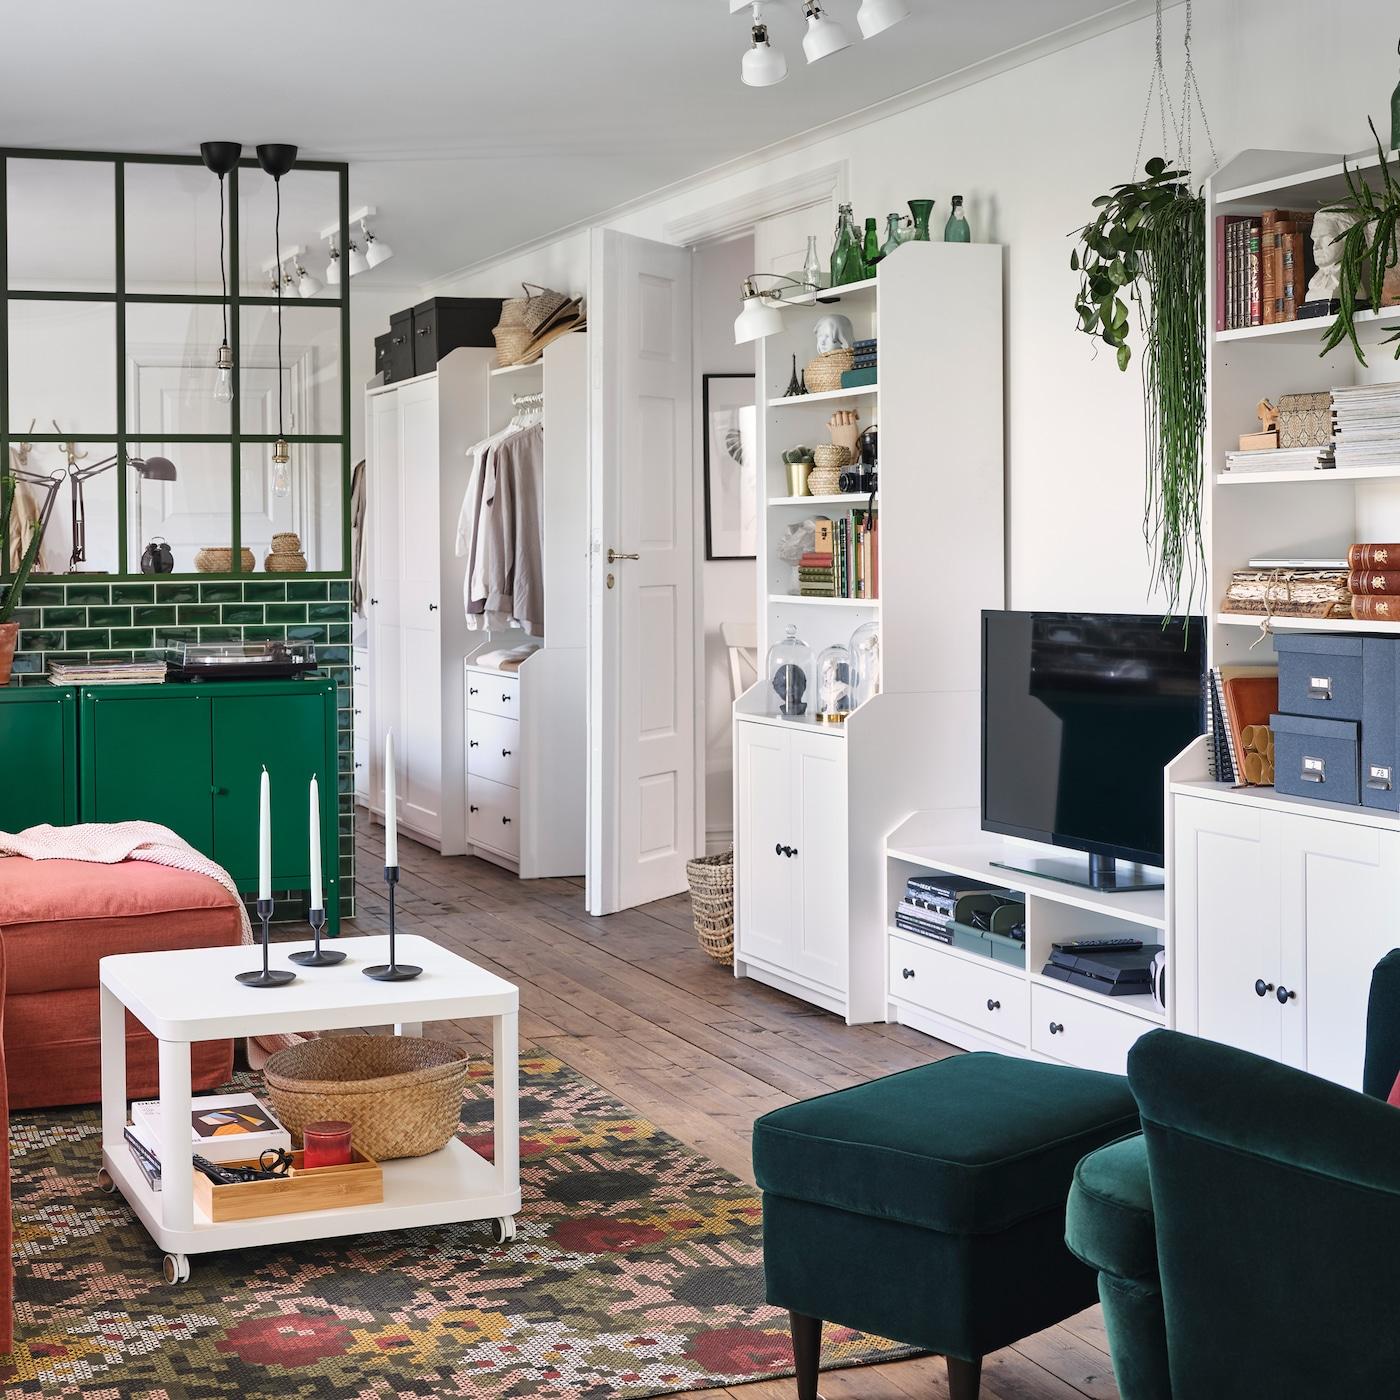 Pokój dzienny z ciemnozielonymi fotelem i podnóżkiem, zielonymi szafkami i białym zestawem do przechowywania HAUGA z szafką pod telewizor.